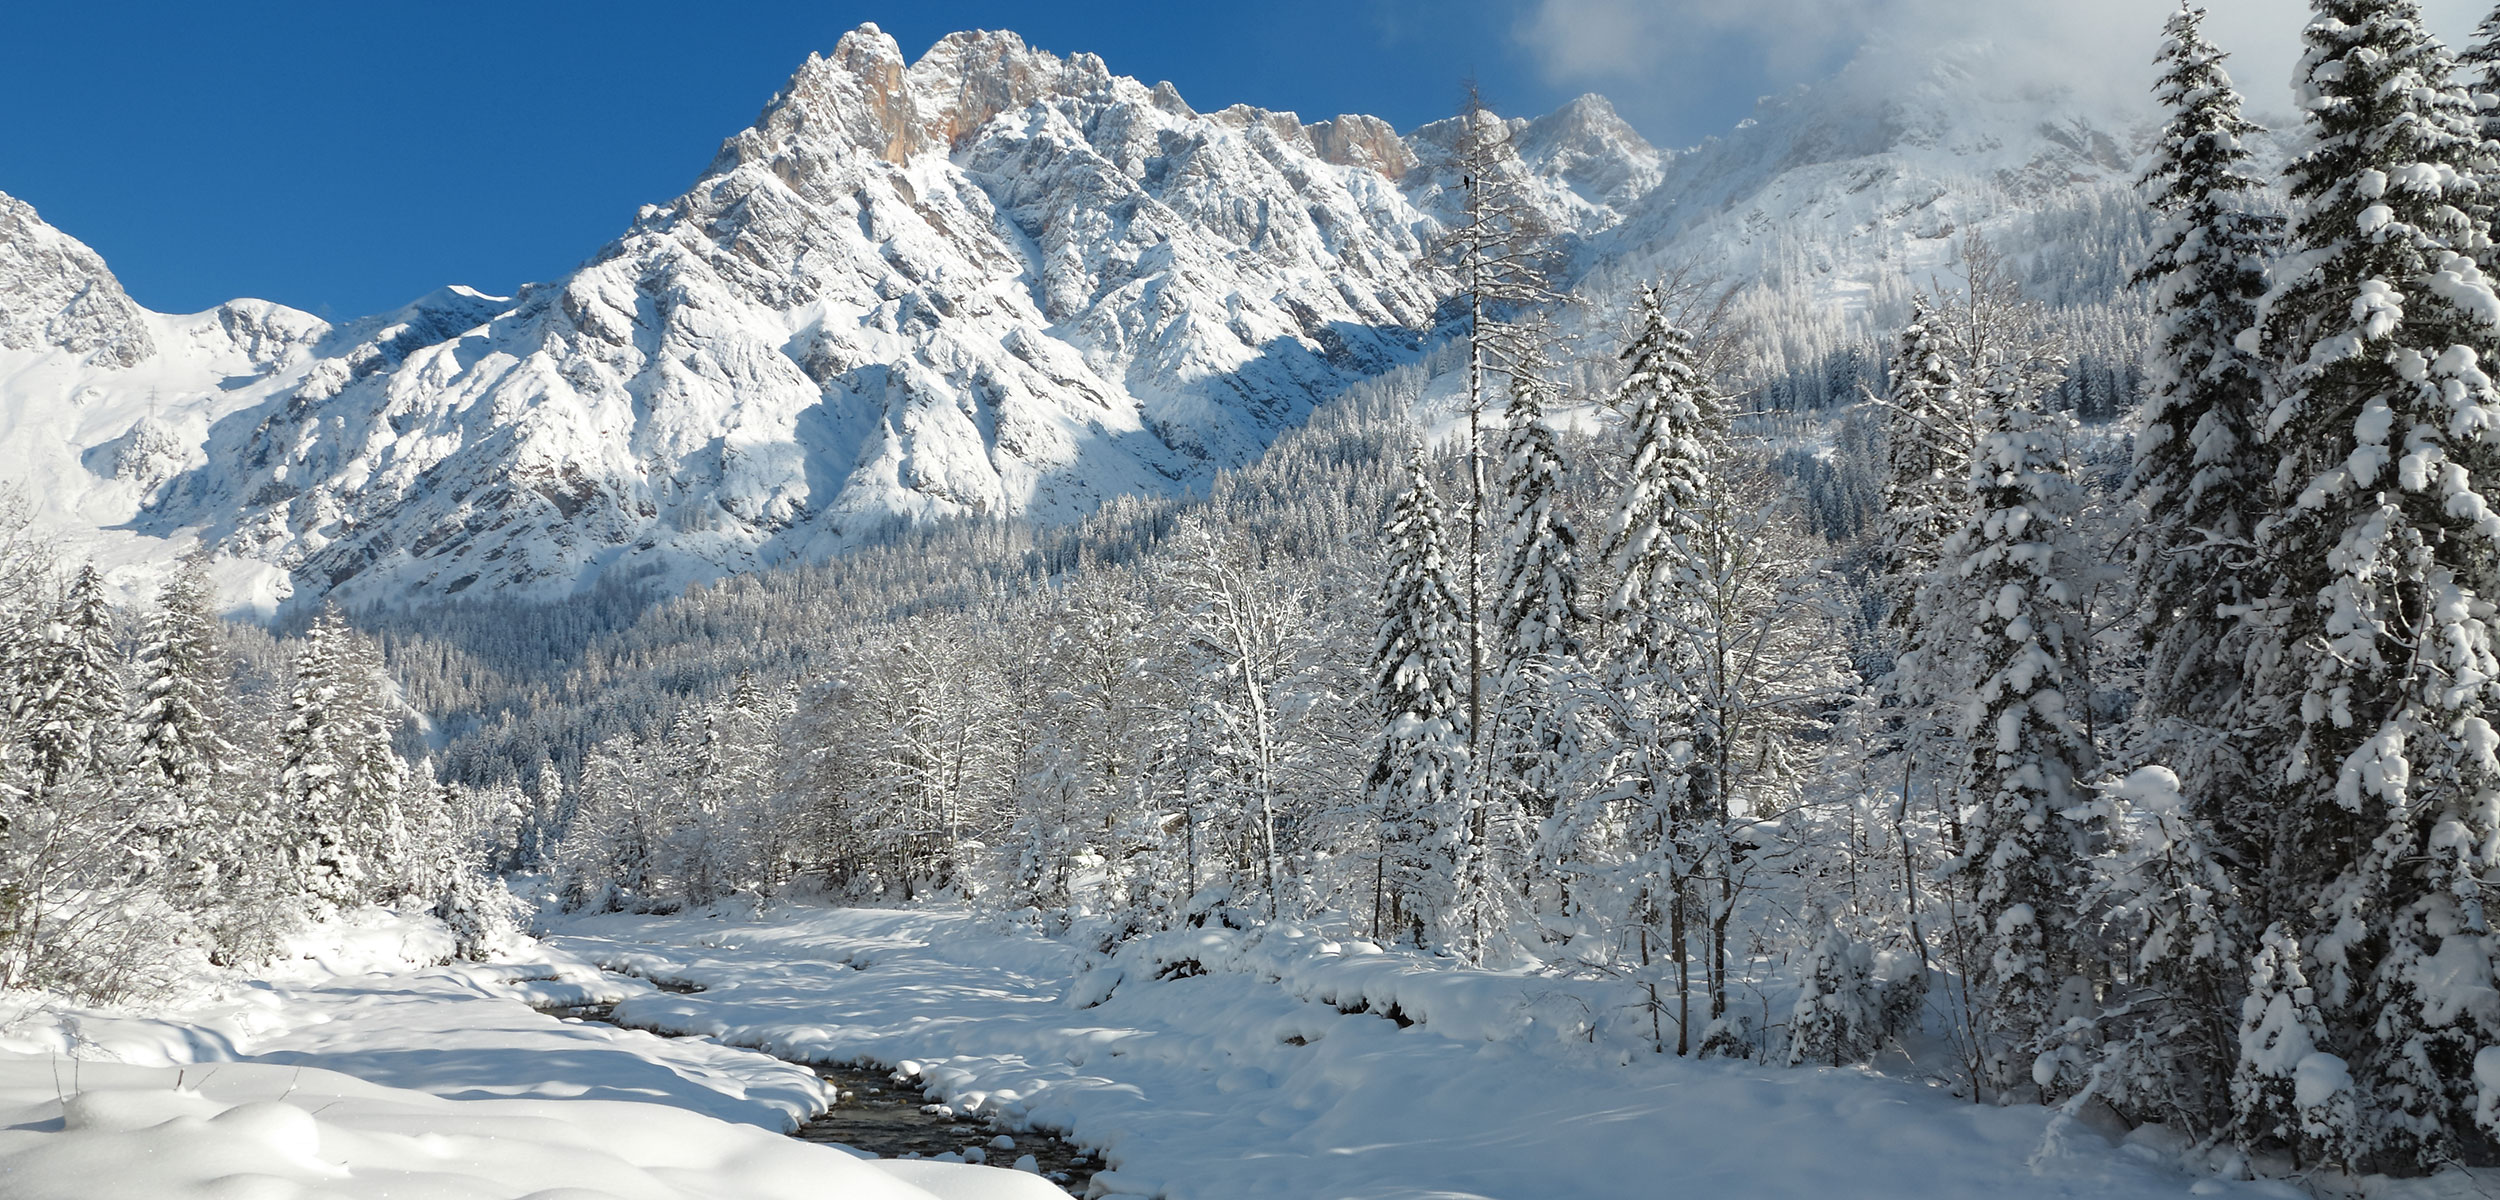 Skispaß unmittelbar in der Nähe